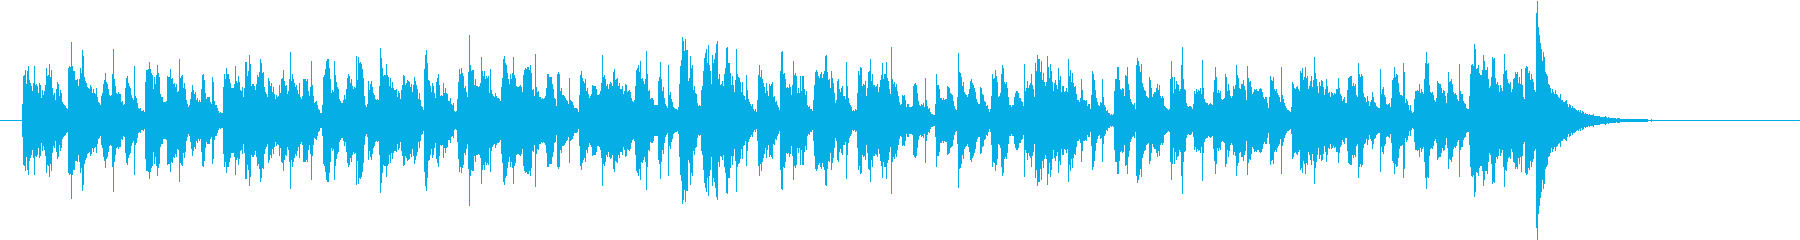 このレトロなサウンドトラックは、大...の再生済みの波形